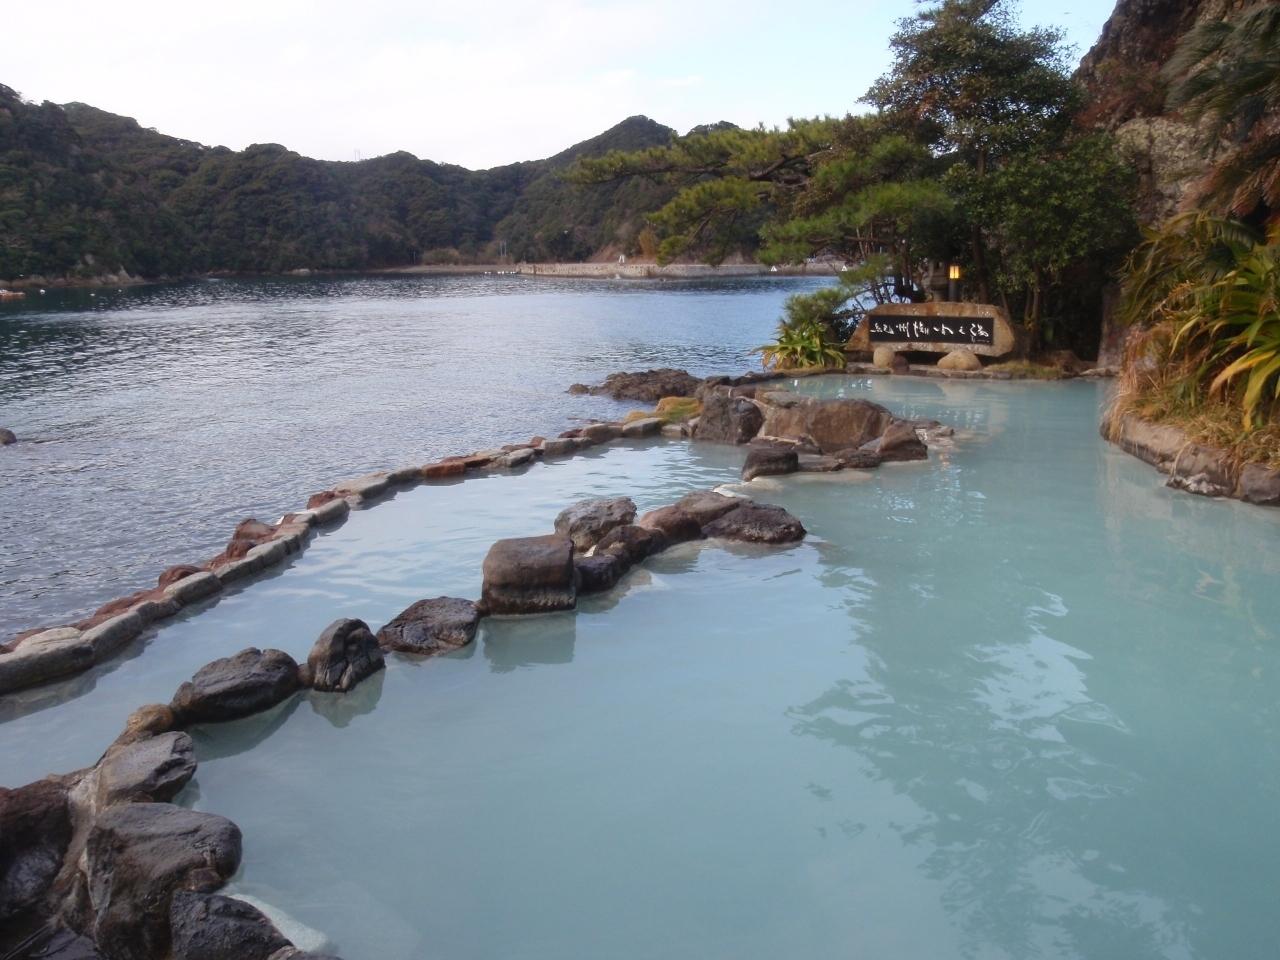 勝浦溫泉 (千葉県) | 日本湯治溫泉巡り